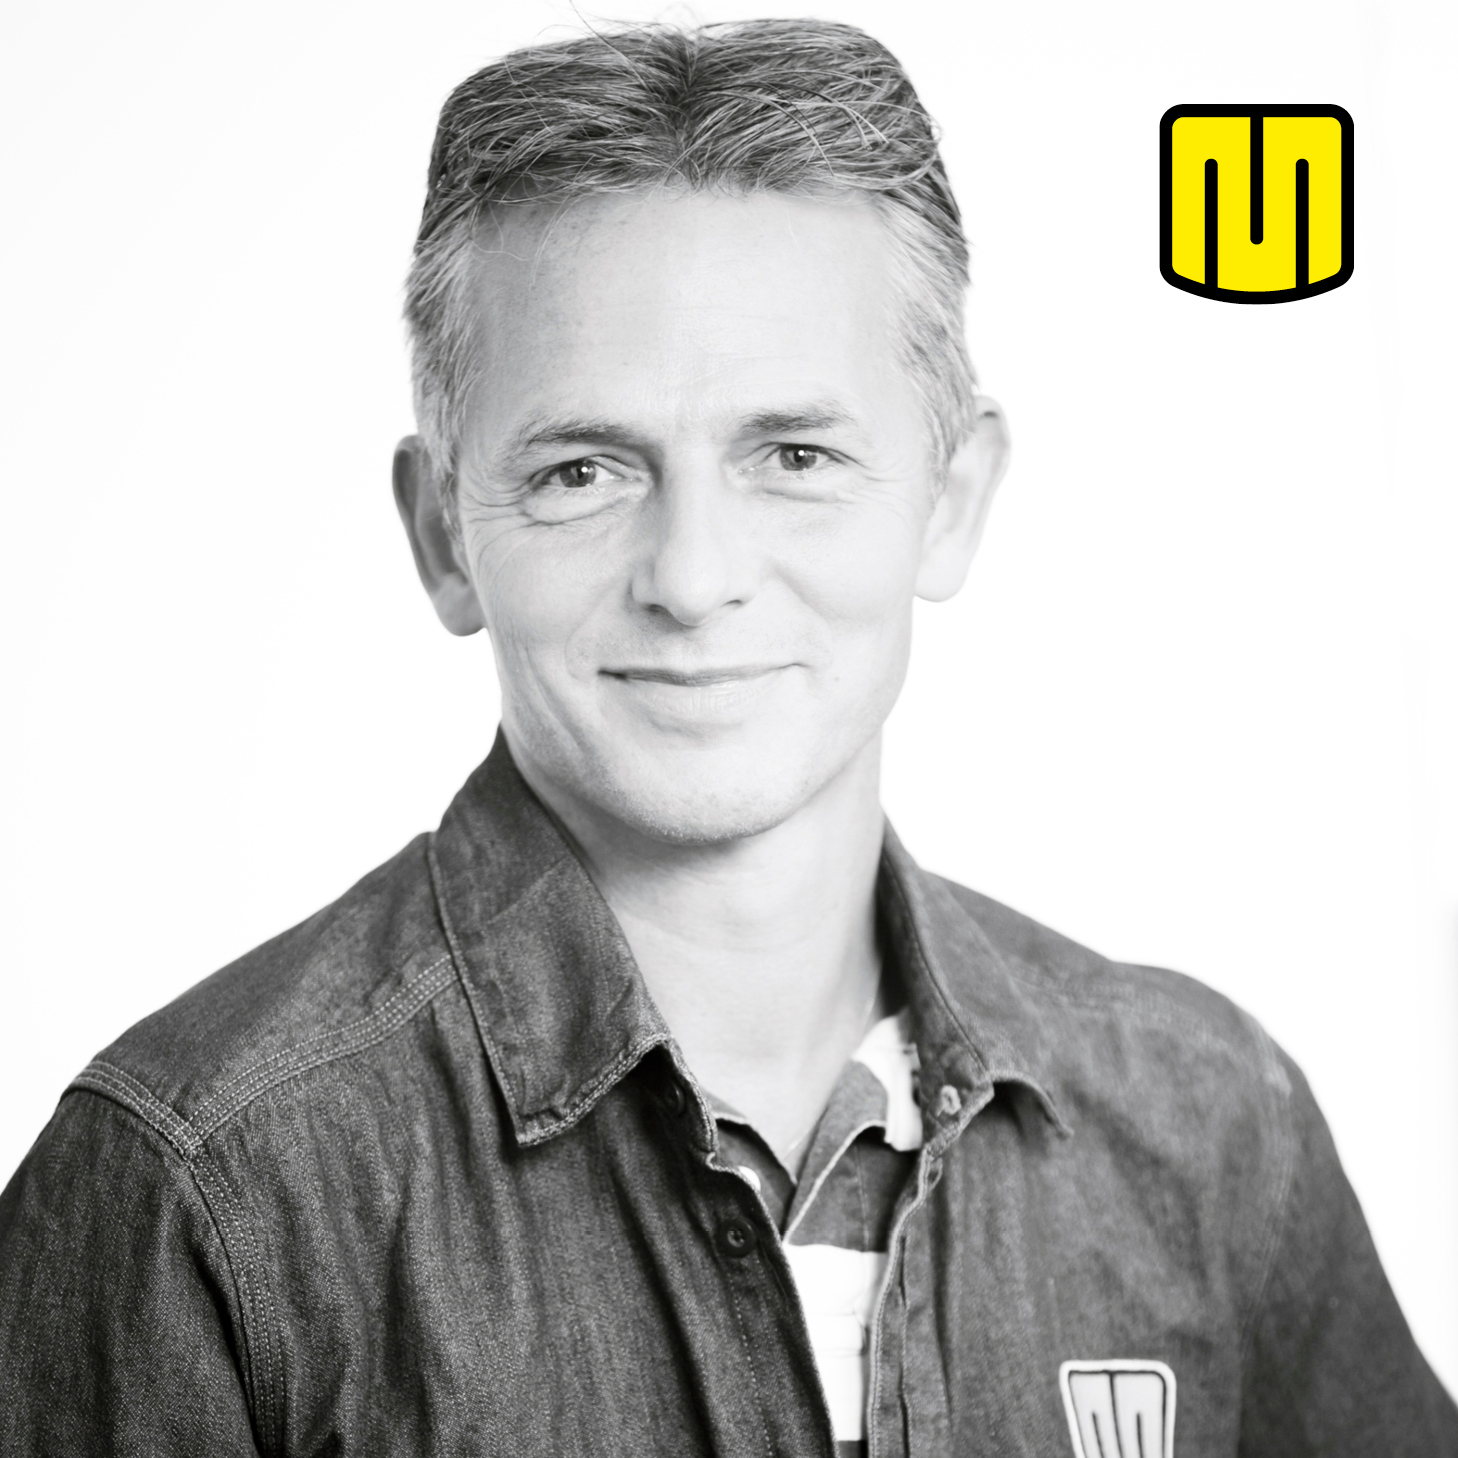 Marco van der Kroft